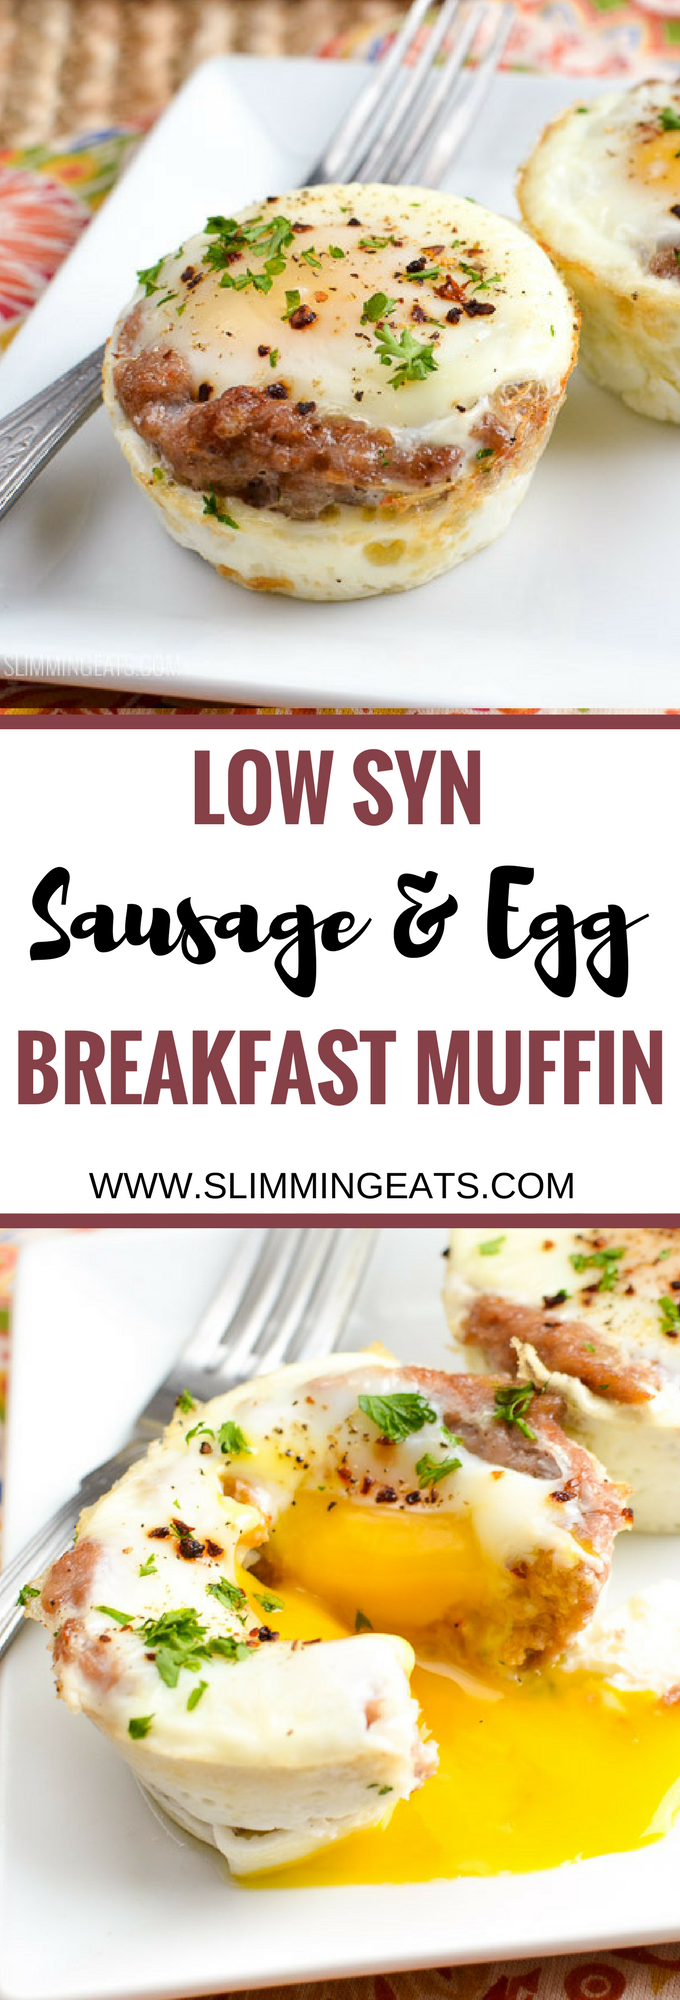 Photo of Low Syn Wurst und Ei Frühstück Muffins